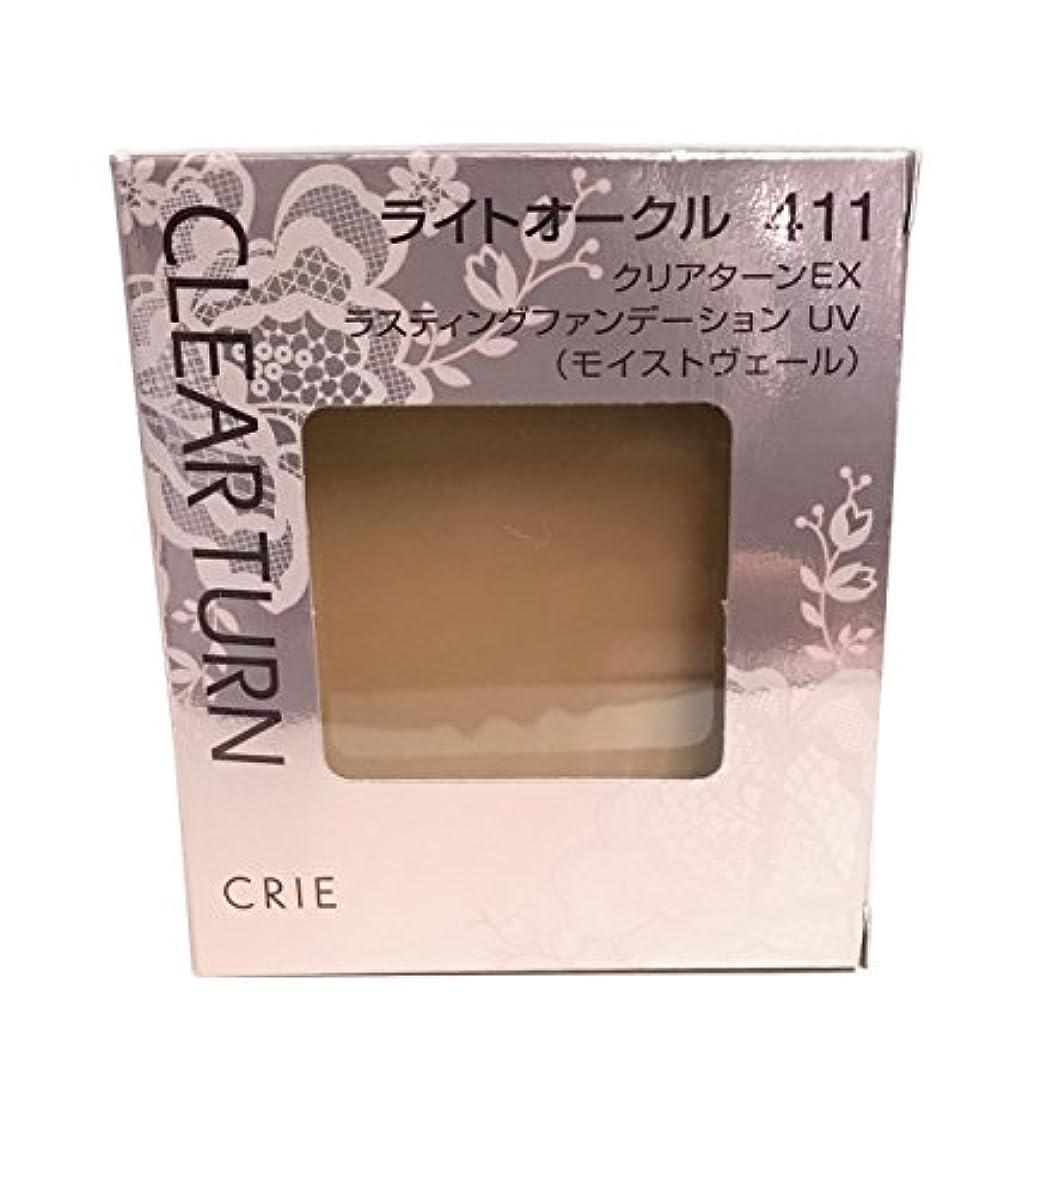 浴パン肉腫クリエ(CRIE) クリアターンEX ラスティングファンデーション UV (モイストヴェール) #411 ライトオークル 9.5g